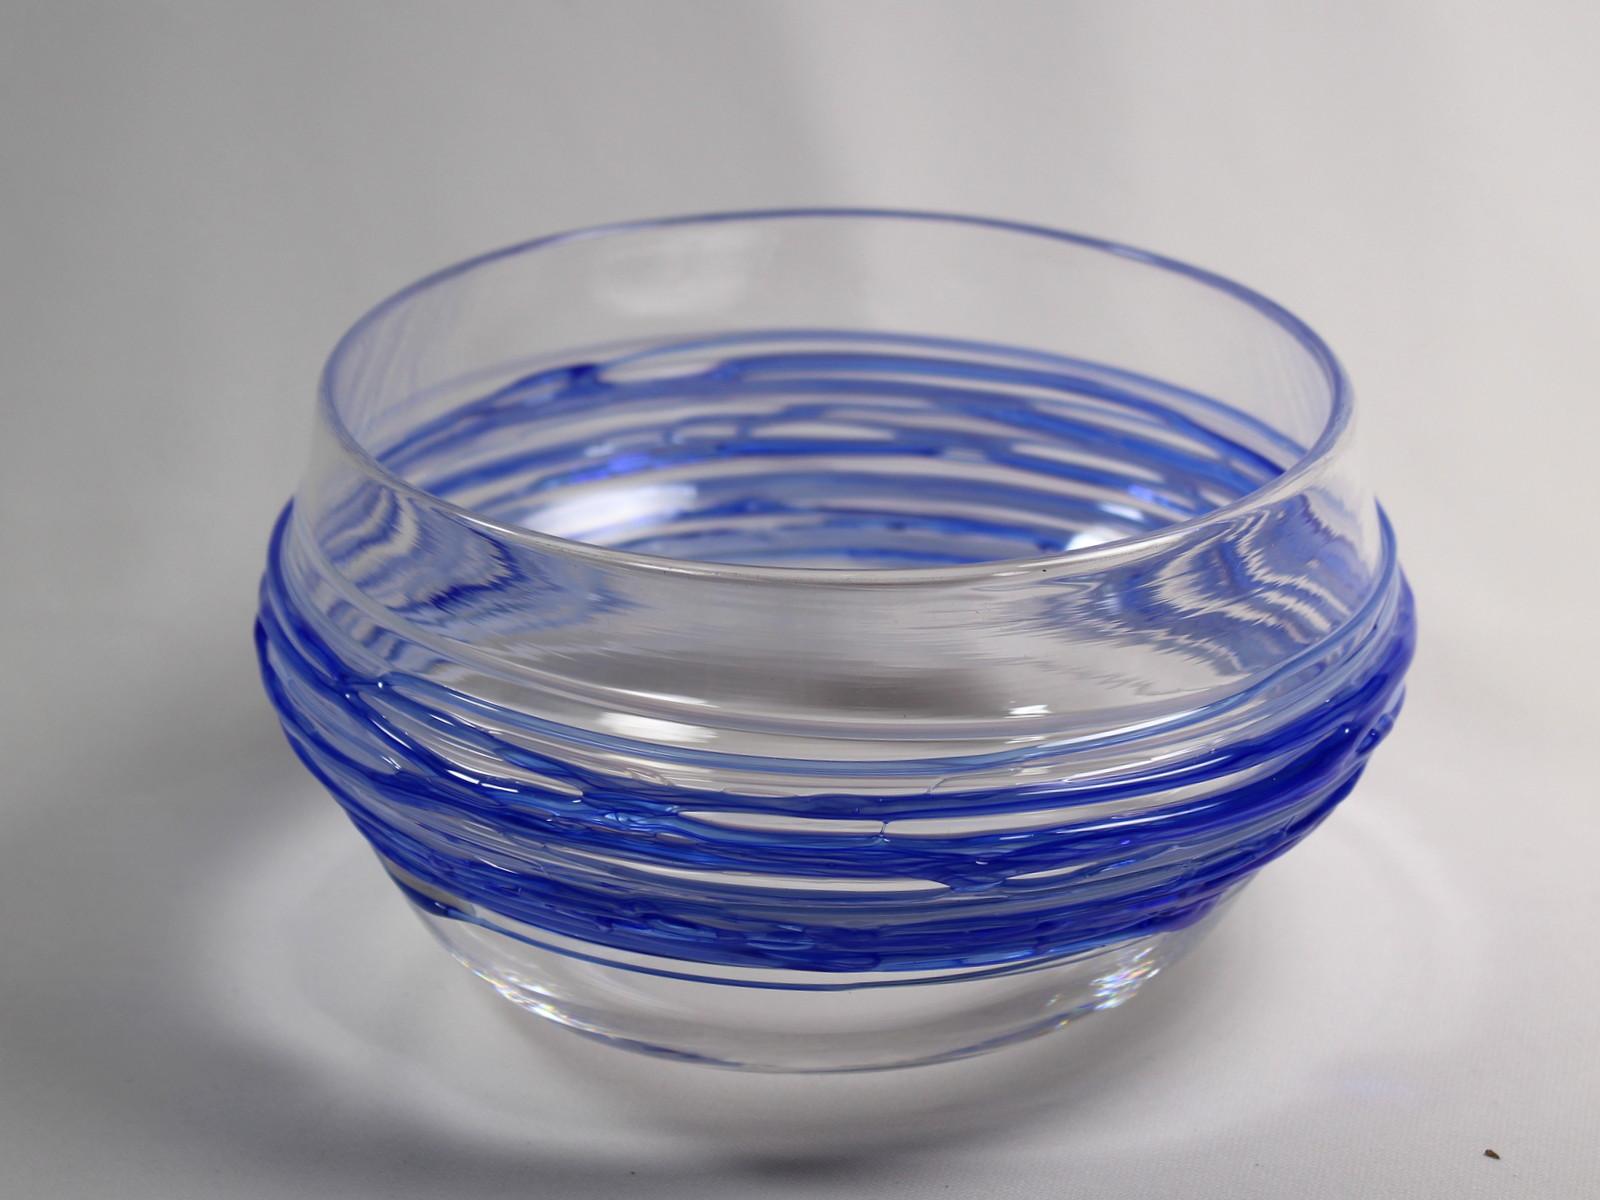 Blue Spun Bowl